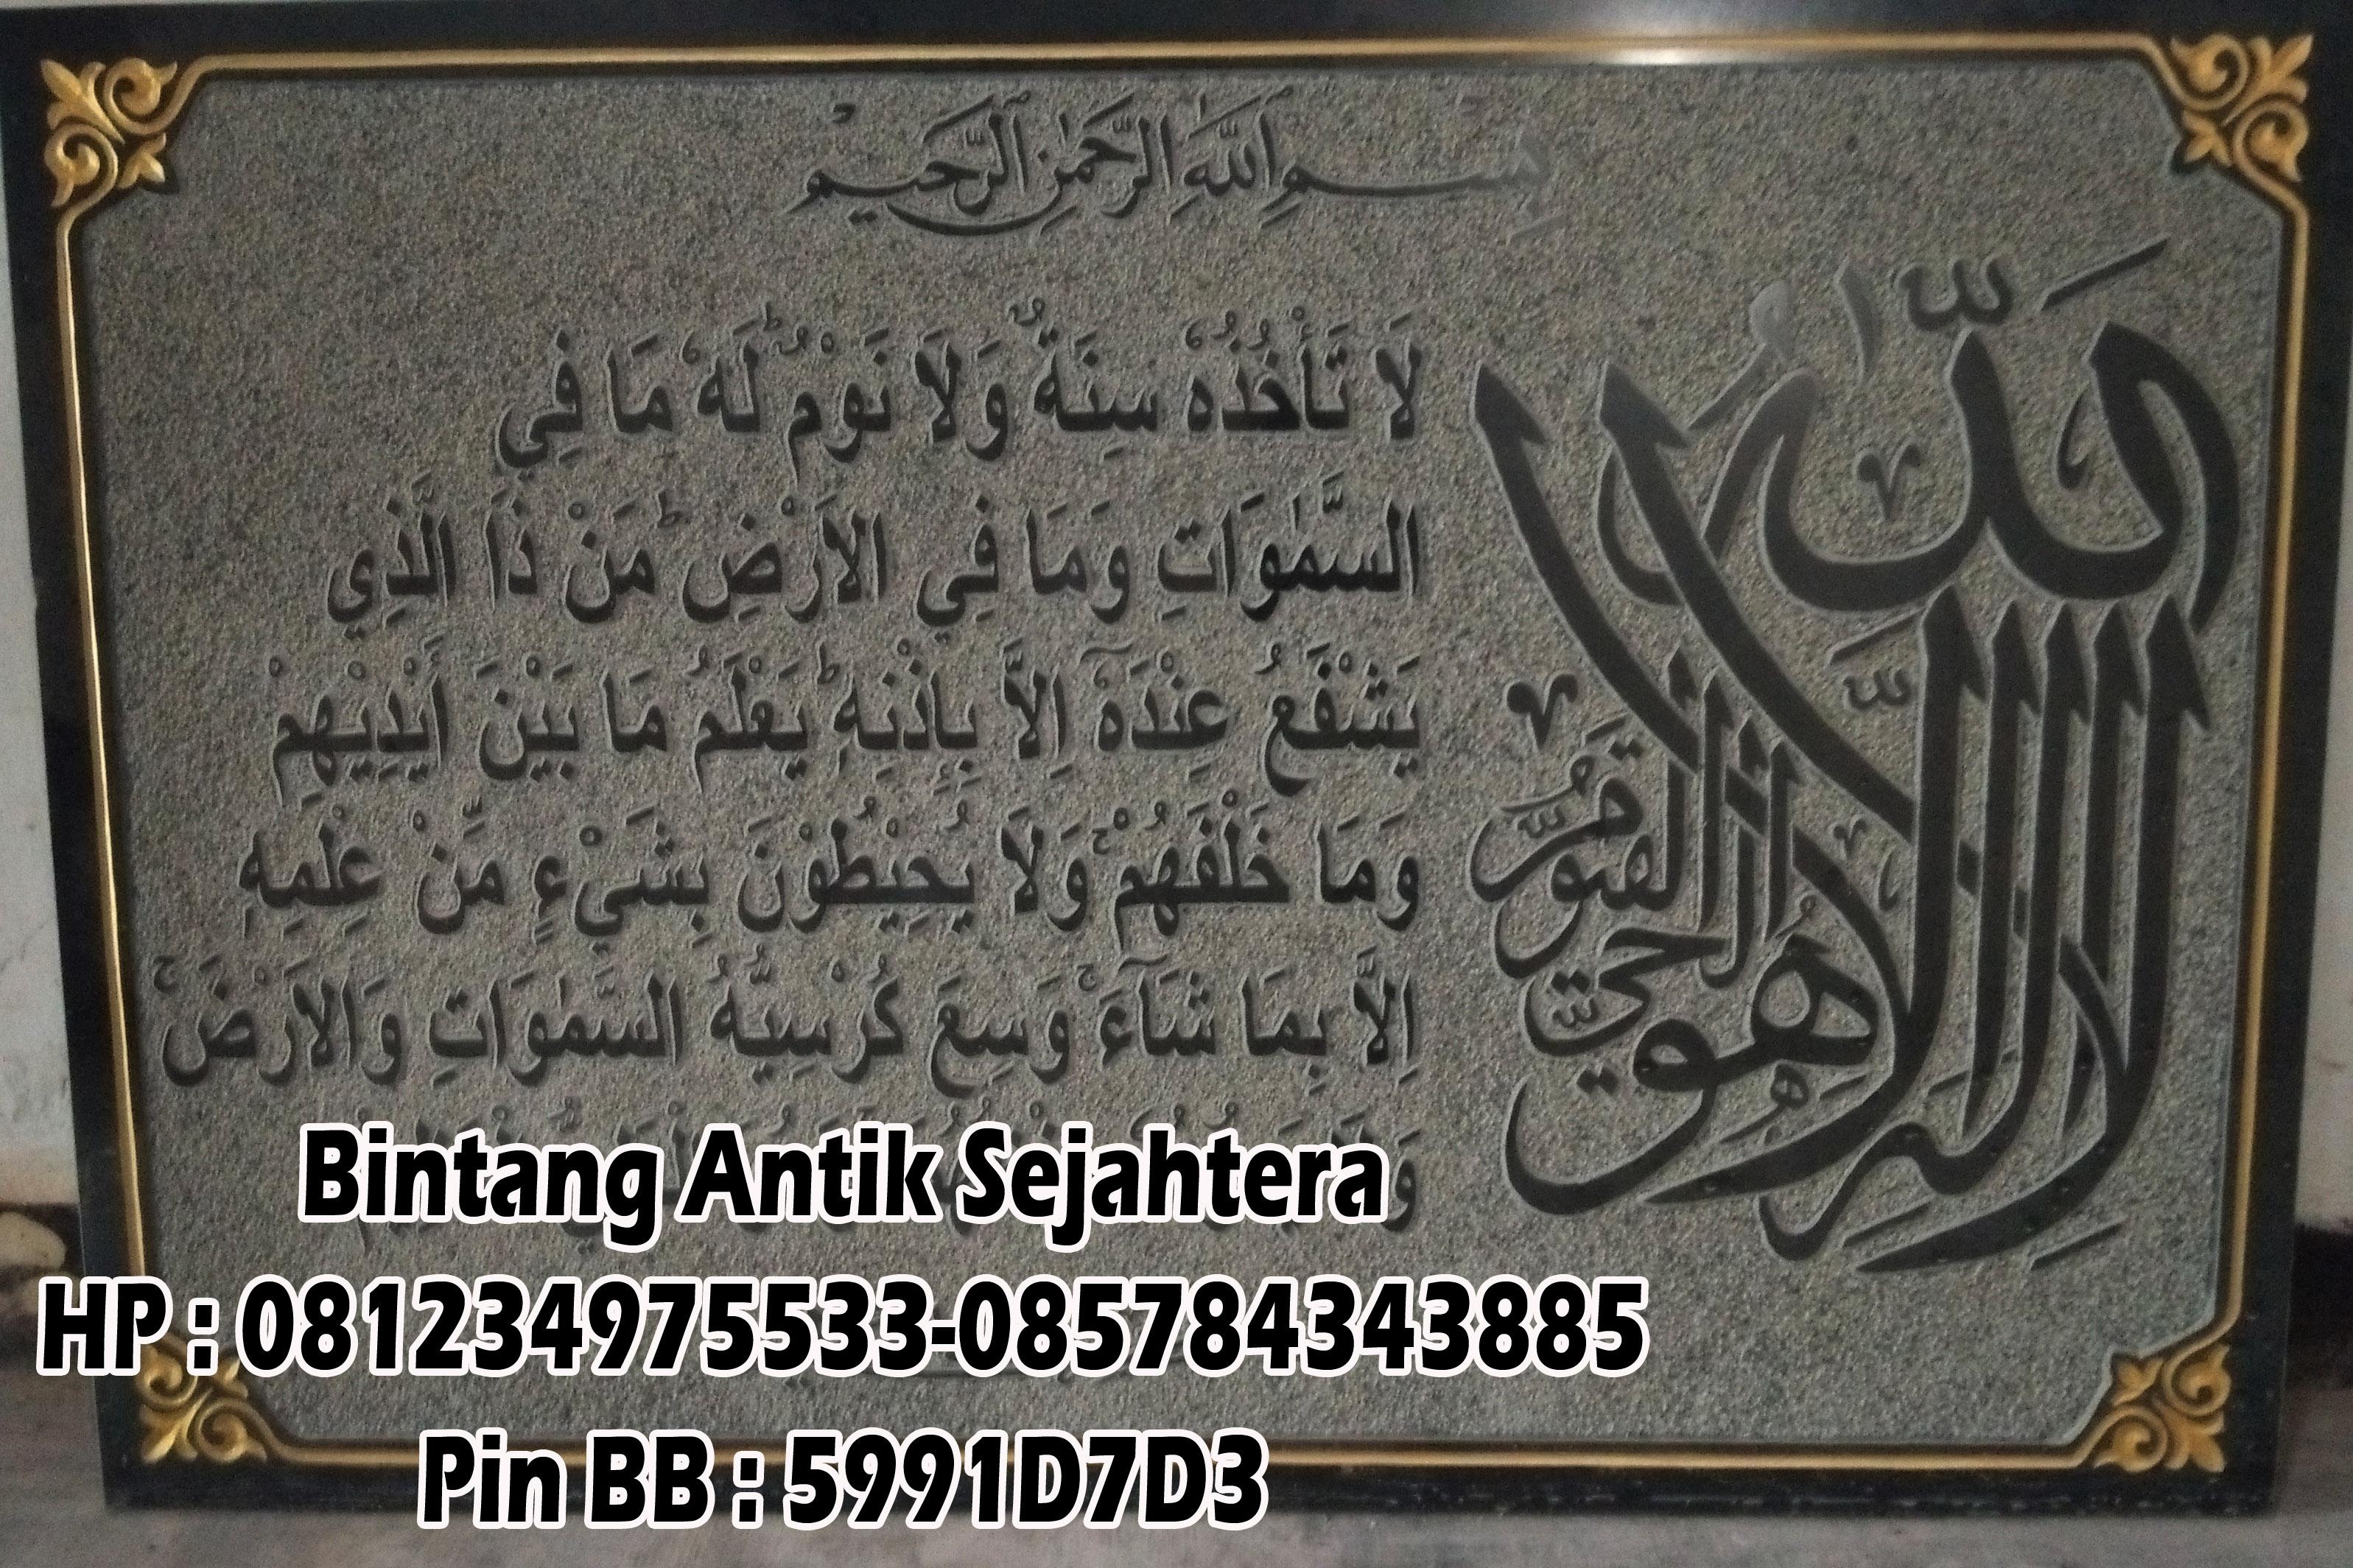 Jual Prasasti Kaligrafi, Prasasti Granit Kaligrafi